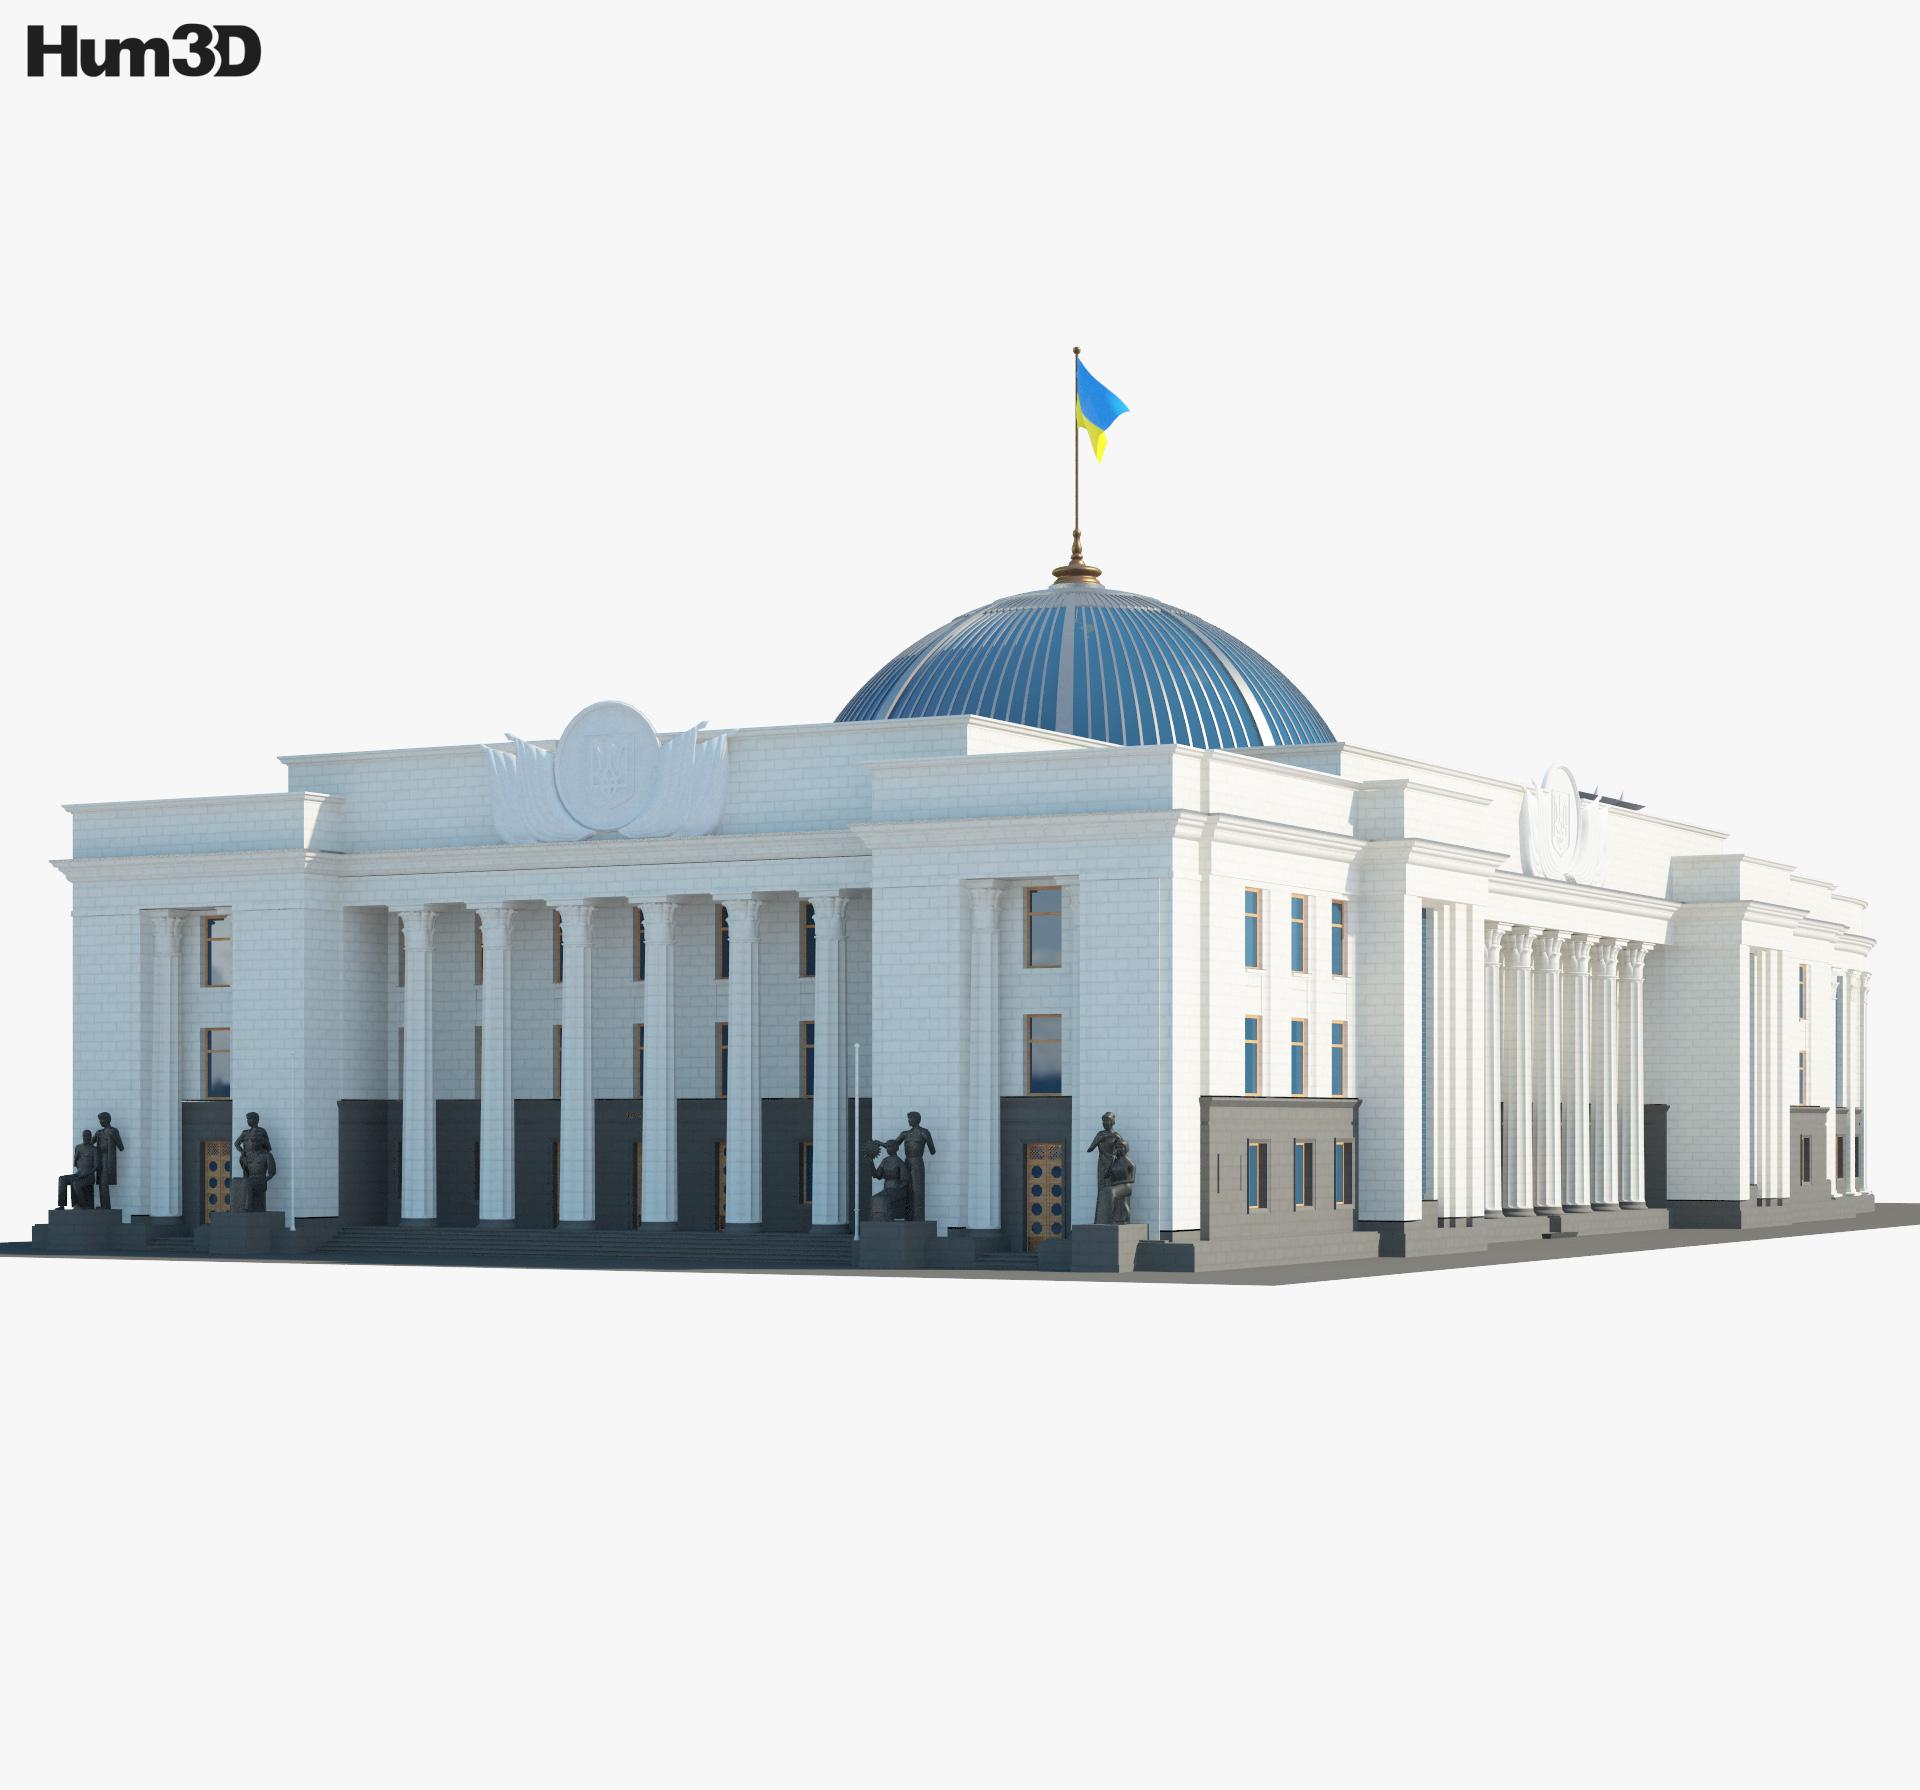 Verkhovna Rada of Ukraine 3d model